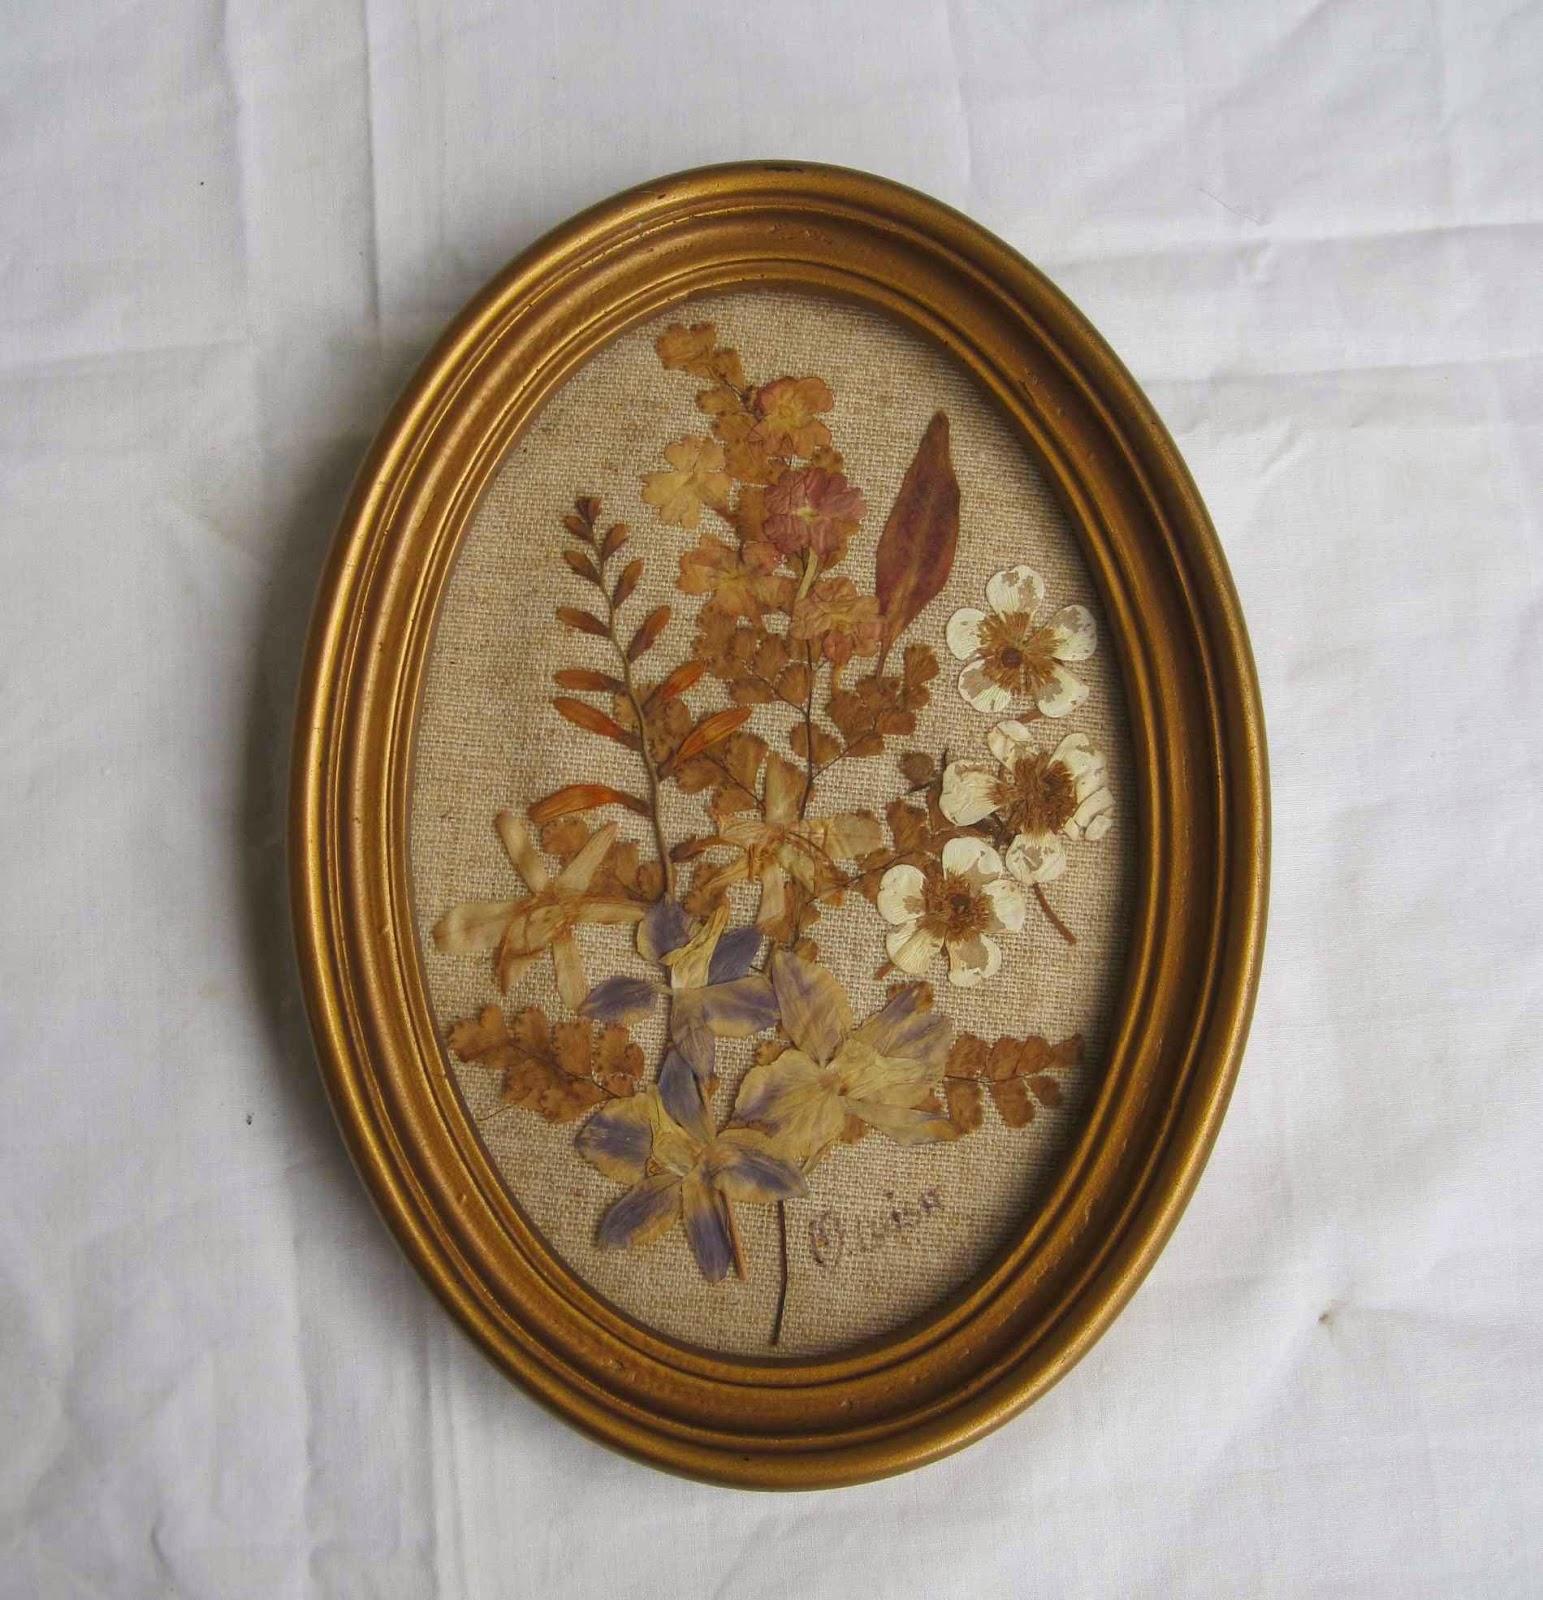 Fotos De Cuadros Hechos Con Flores Secas - Cuadro hecho con flores secas Las Manualidades